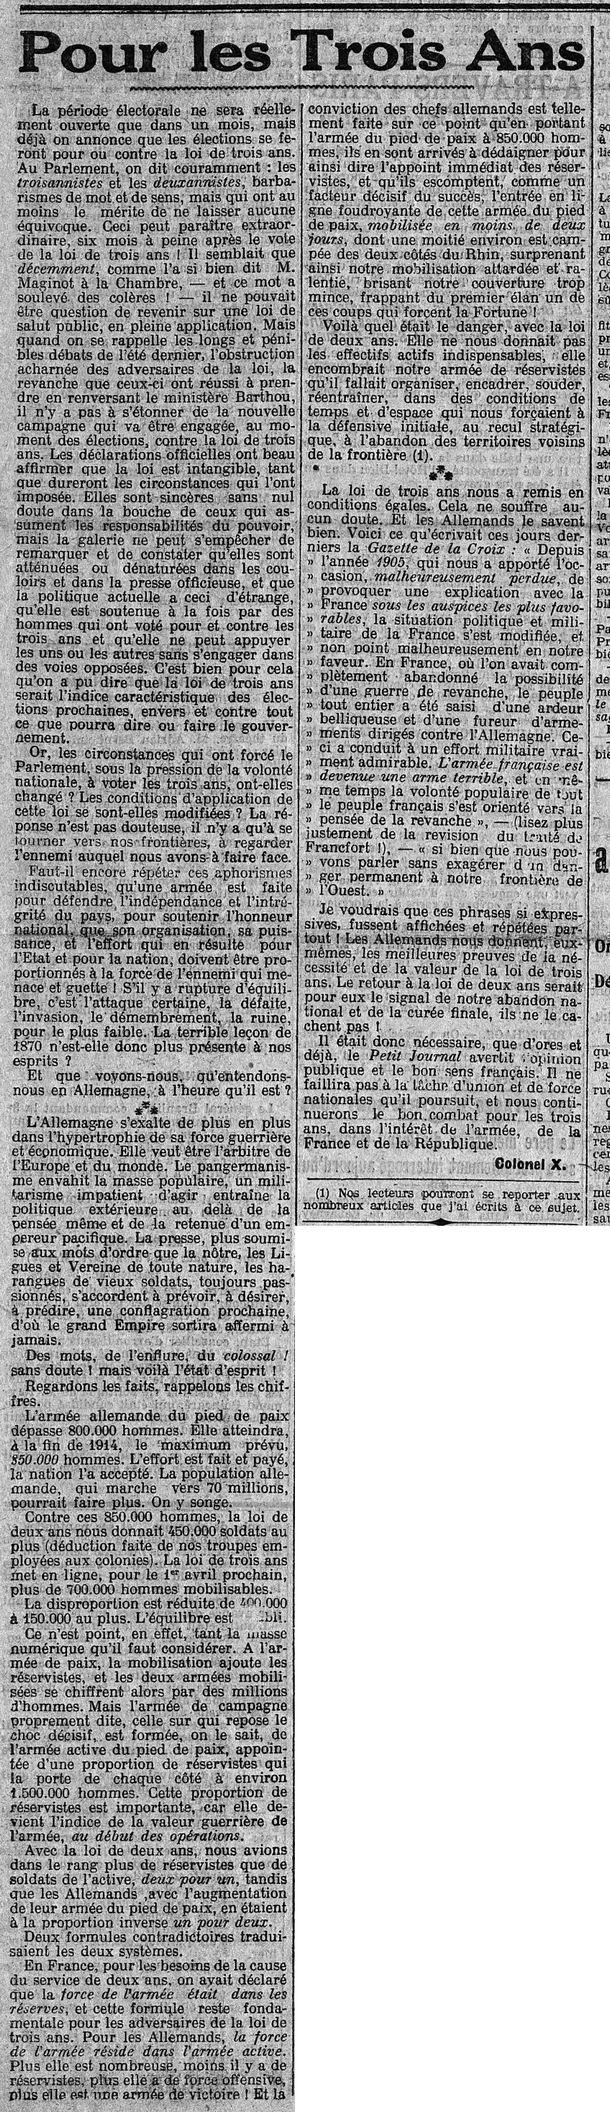 Généalogie - 10 mars 1914 : arguments en faveur des trois ans de service militaire - Frawsy